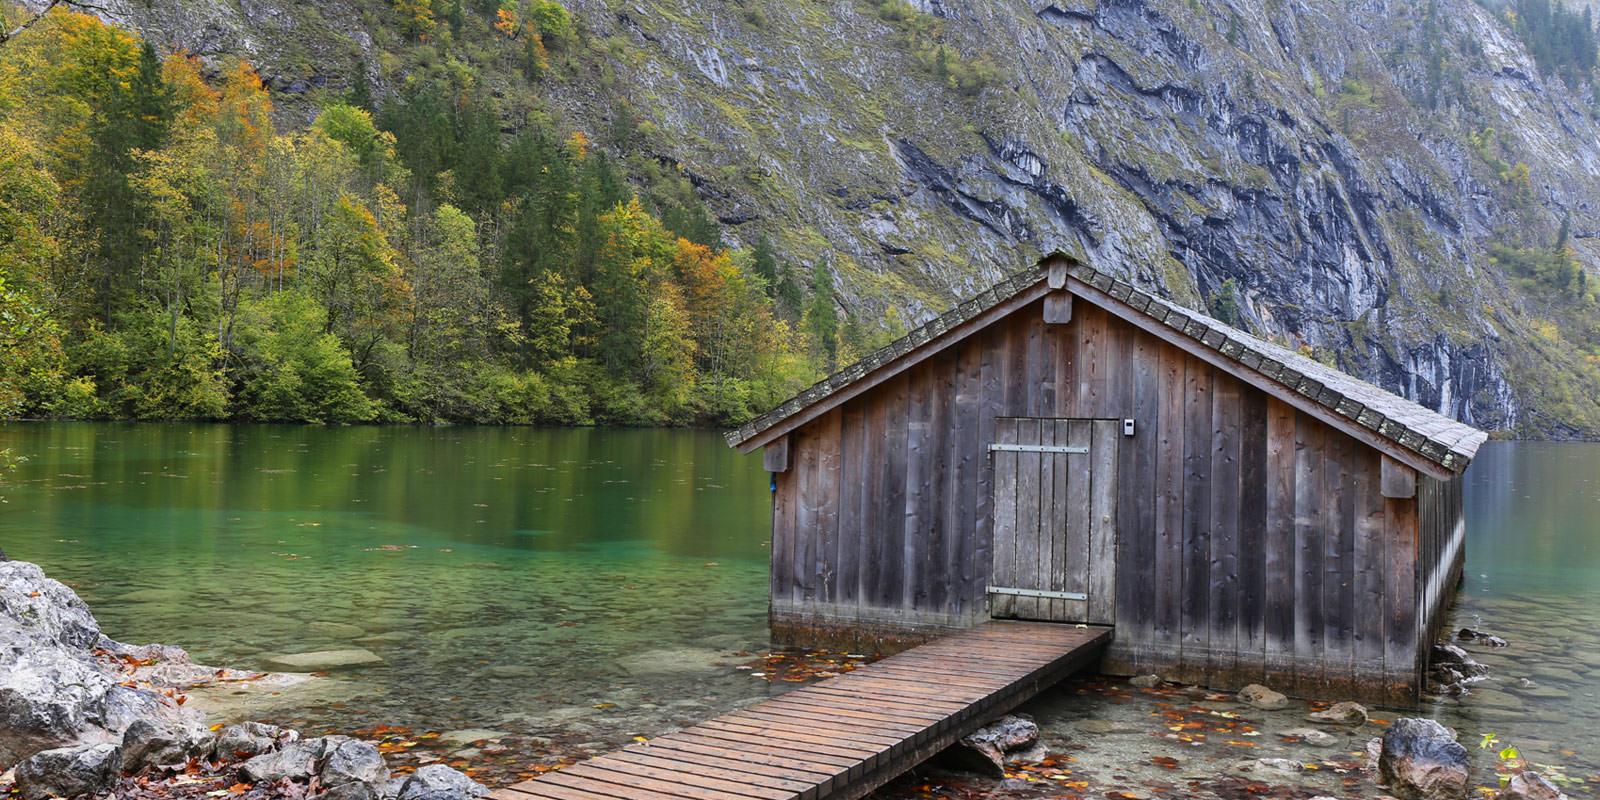 德奧浪漫自助行🦆如臨仙境的山光水色~國王湖 Königssee